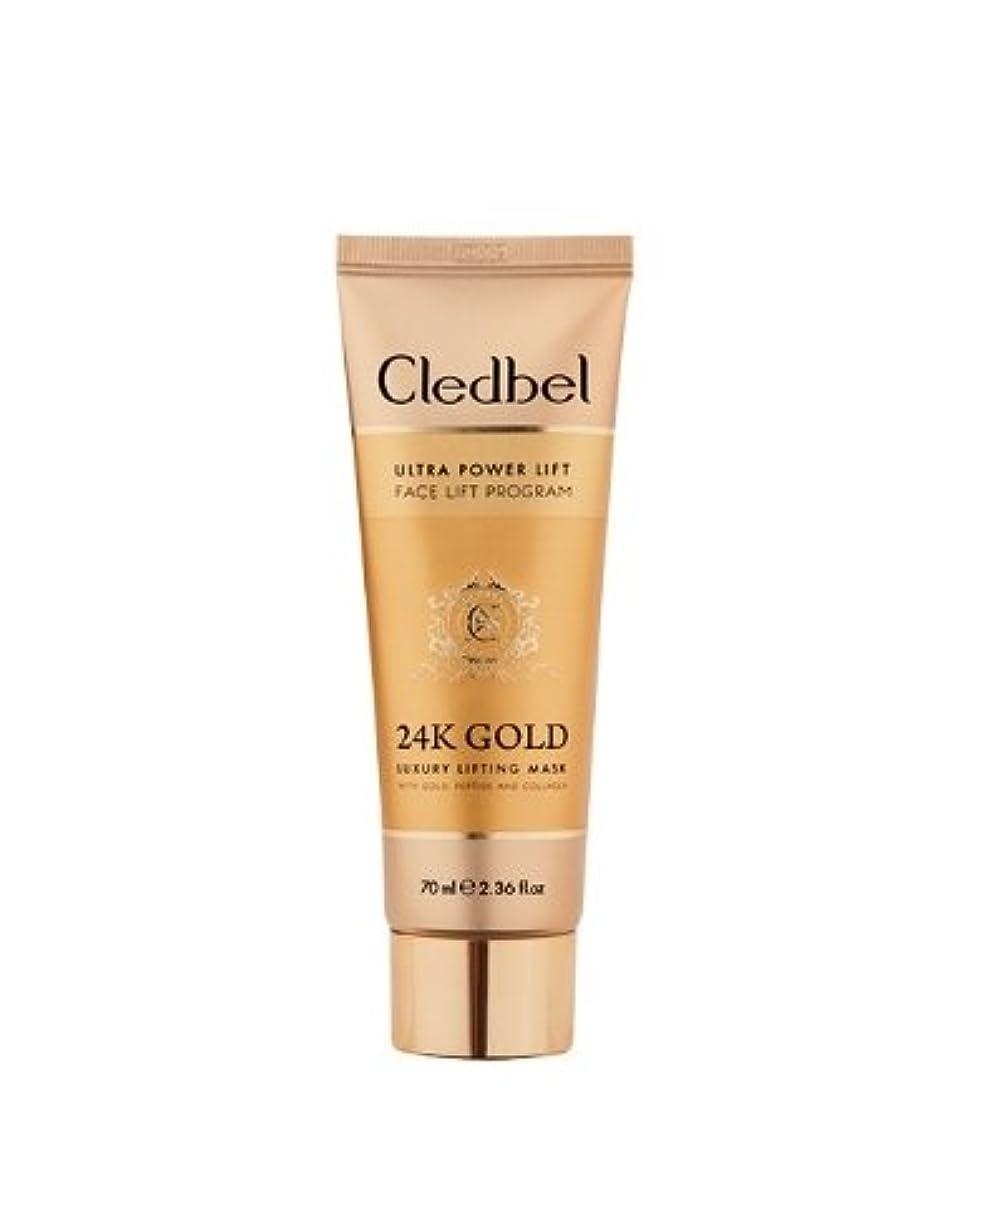 粒子と遊ぶ強い[Cledbel]Cledbel Ultra Power Lift 24K Gold Luxury Lifting Mask 70ml